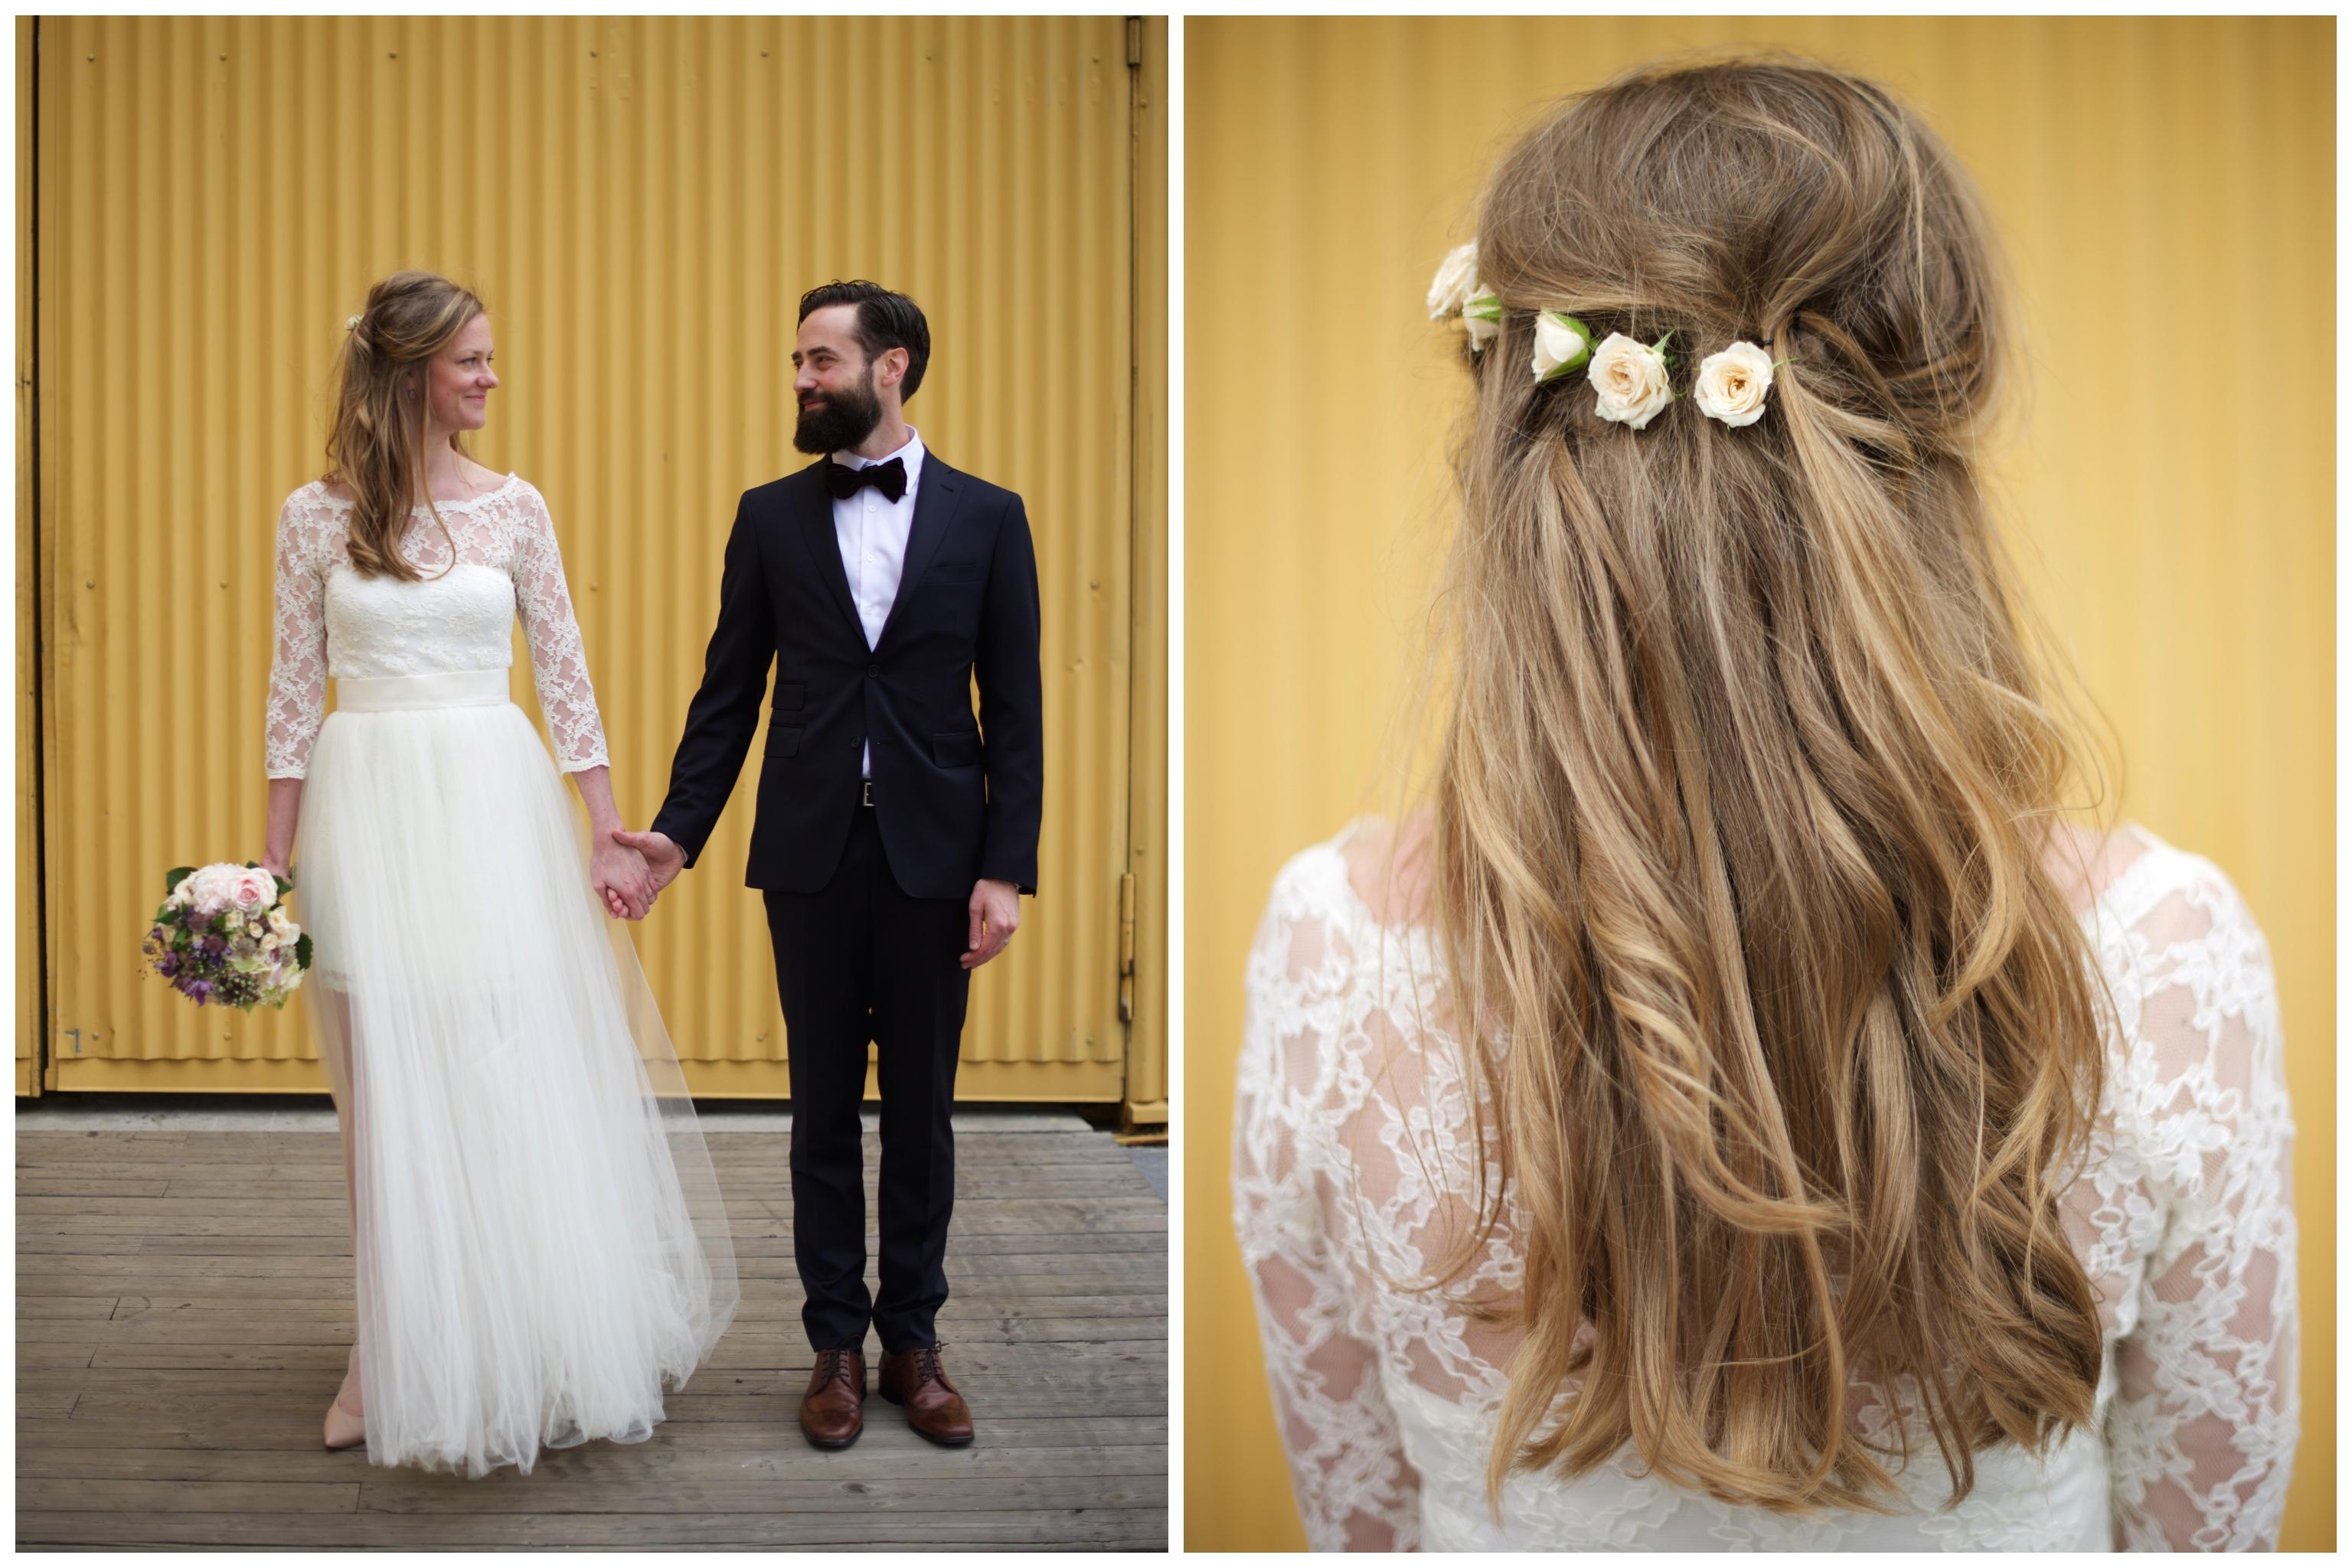 Bröllop på Oaxen på Djurgården förevigat av Erika Aminoff Photography